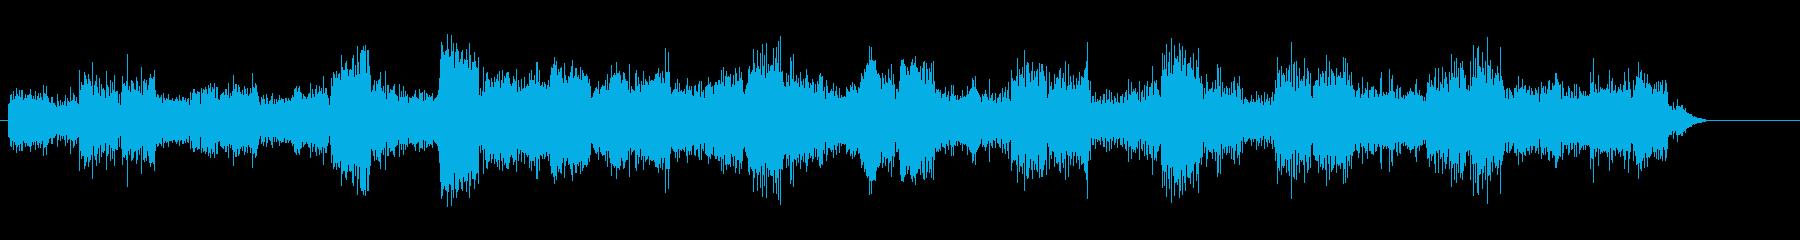 絶望、失望的な未来、動揺する暗い音 1の再生済みの波形